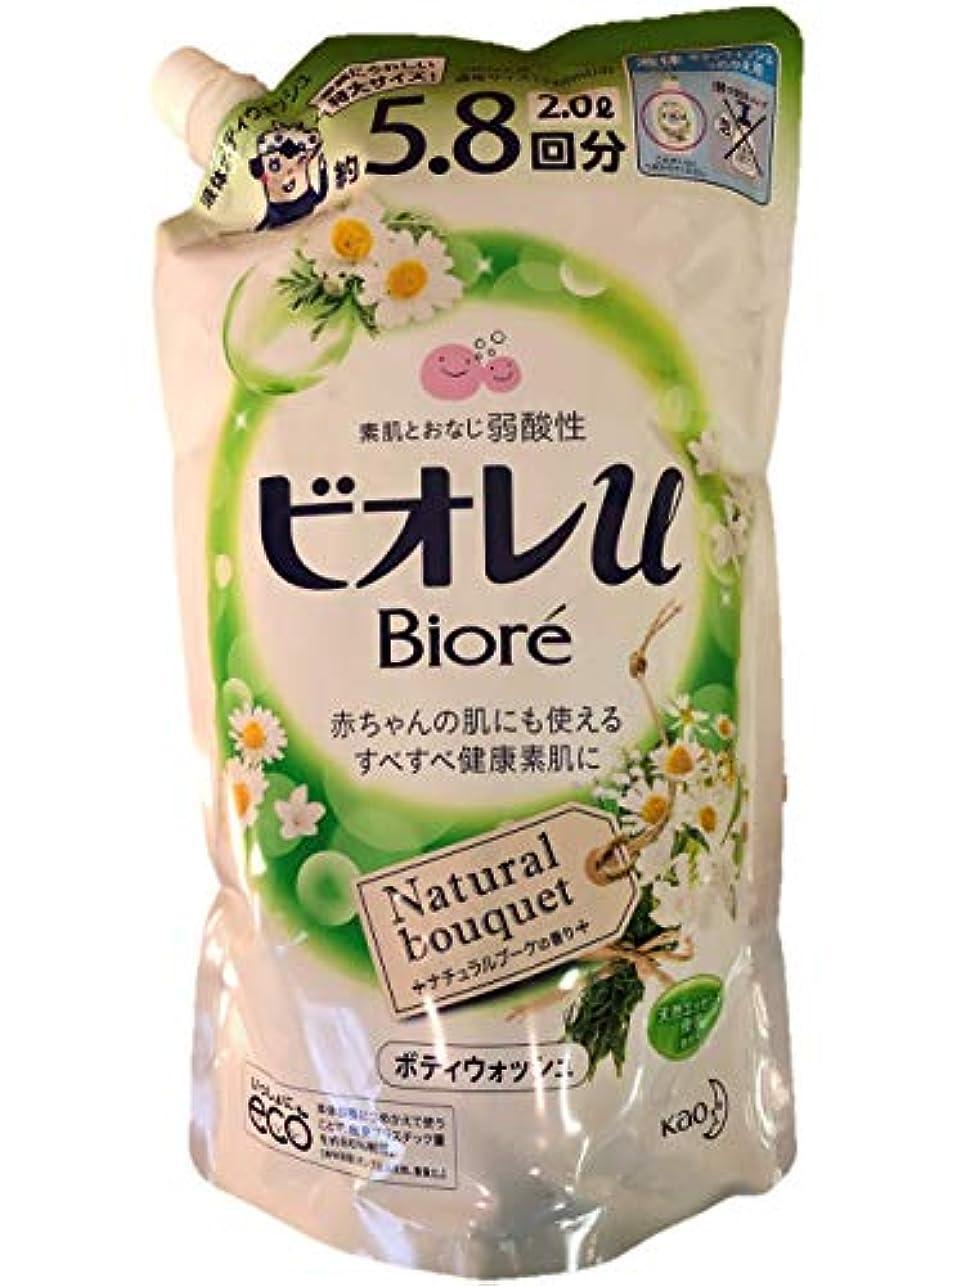 不名誉な湿地期限【大容量】ビオレu 詰め替え用 ナチュラルブーケの香り 5.8回分 2L